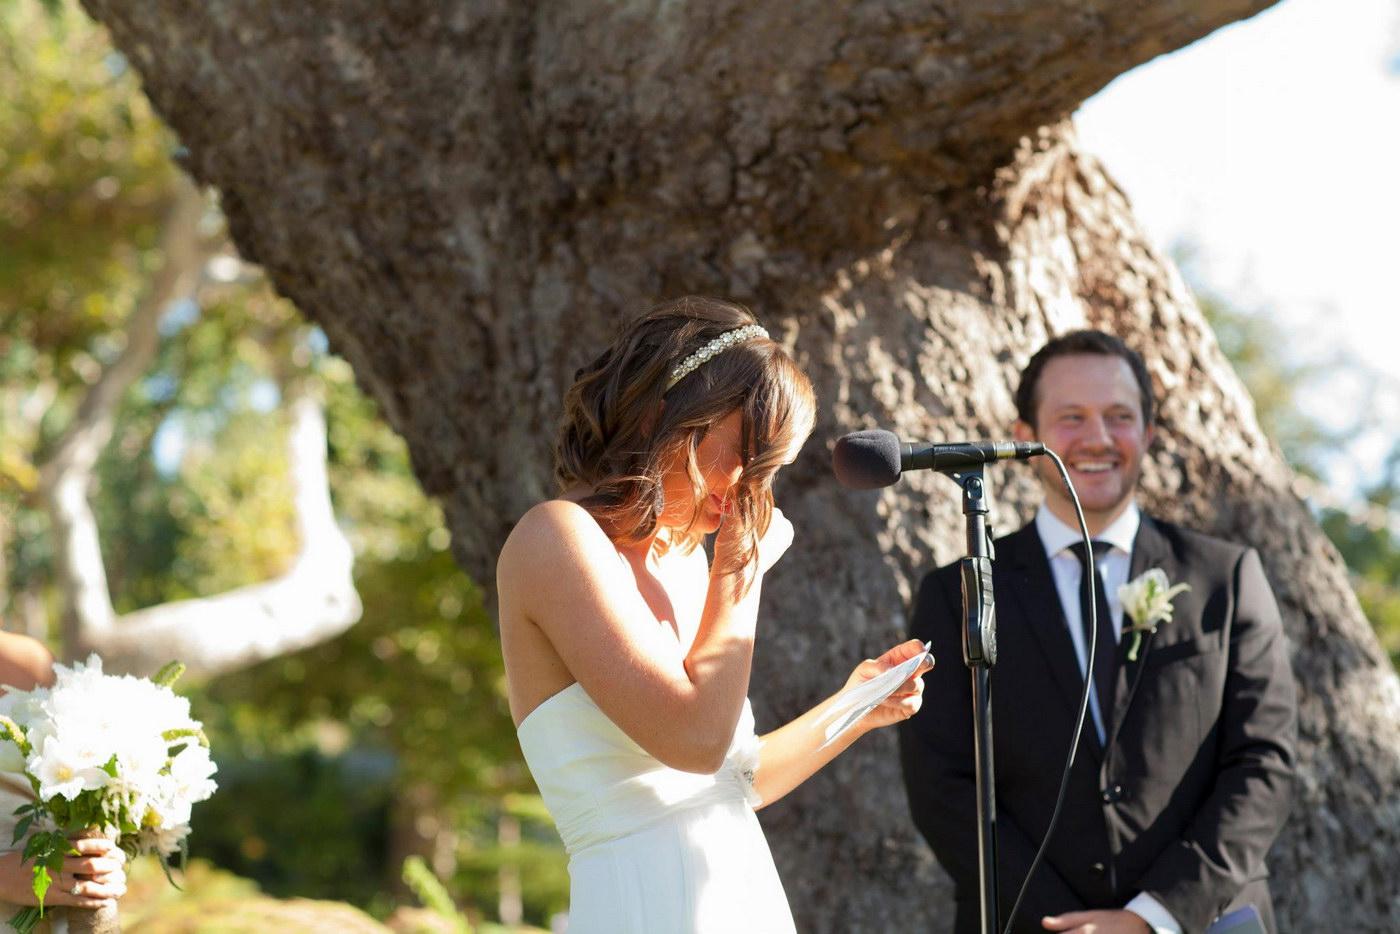 Juraminte de nunta care va aduc zambetul pe buze